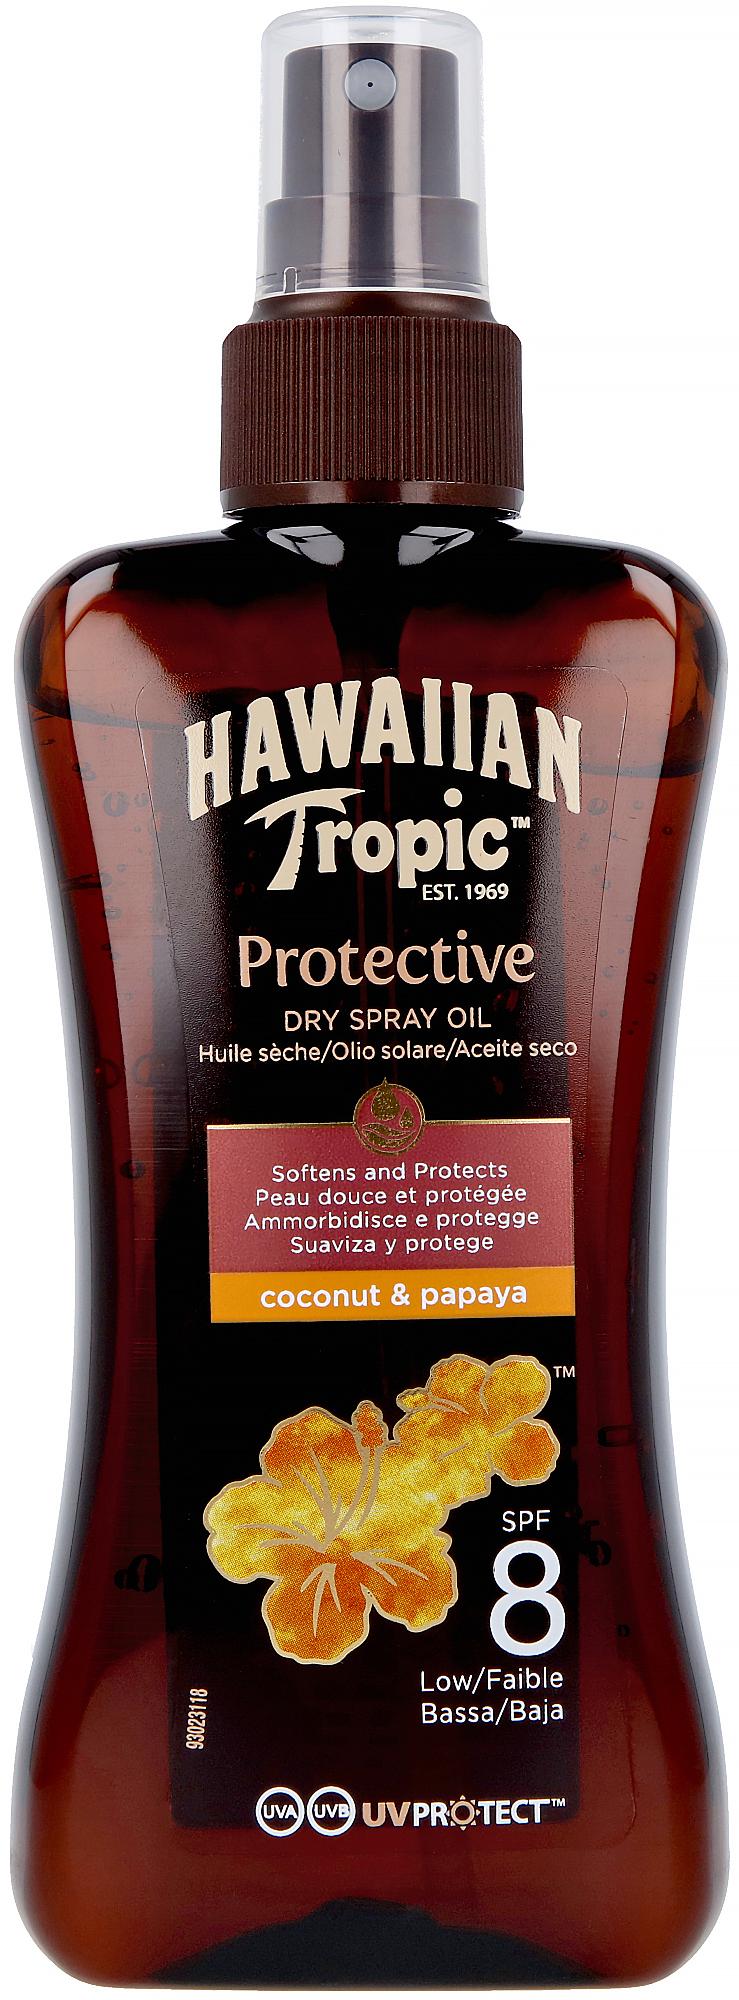 är hawaiian tropic bra